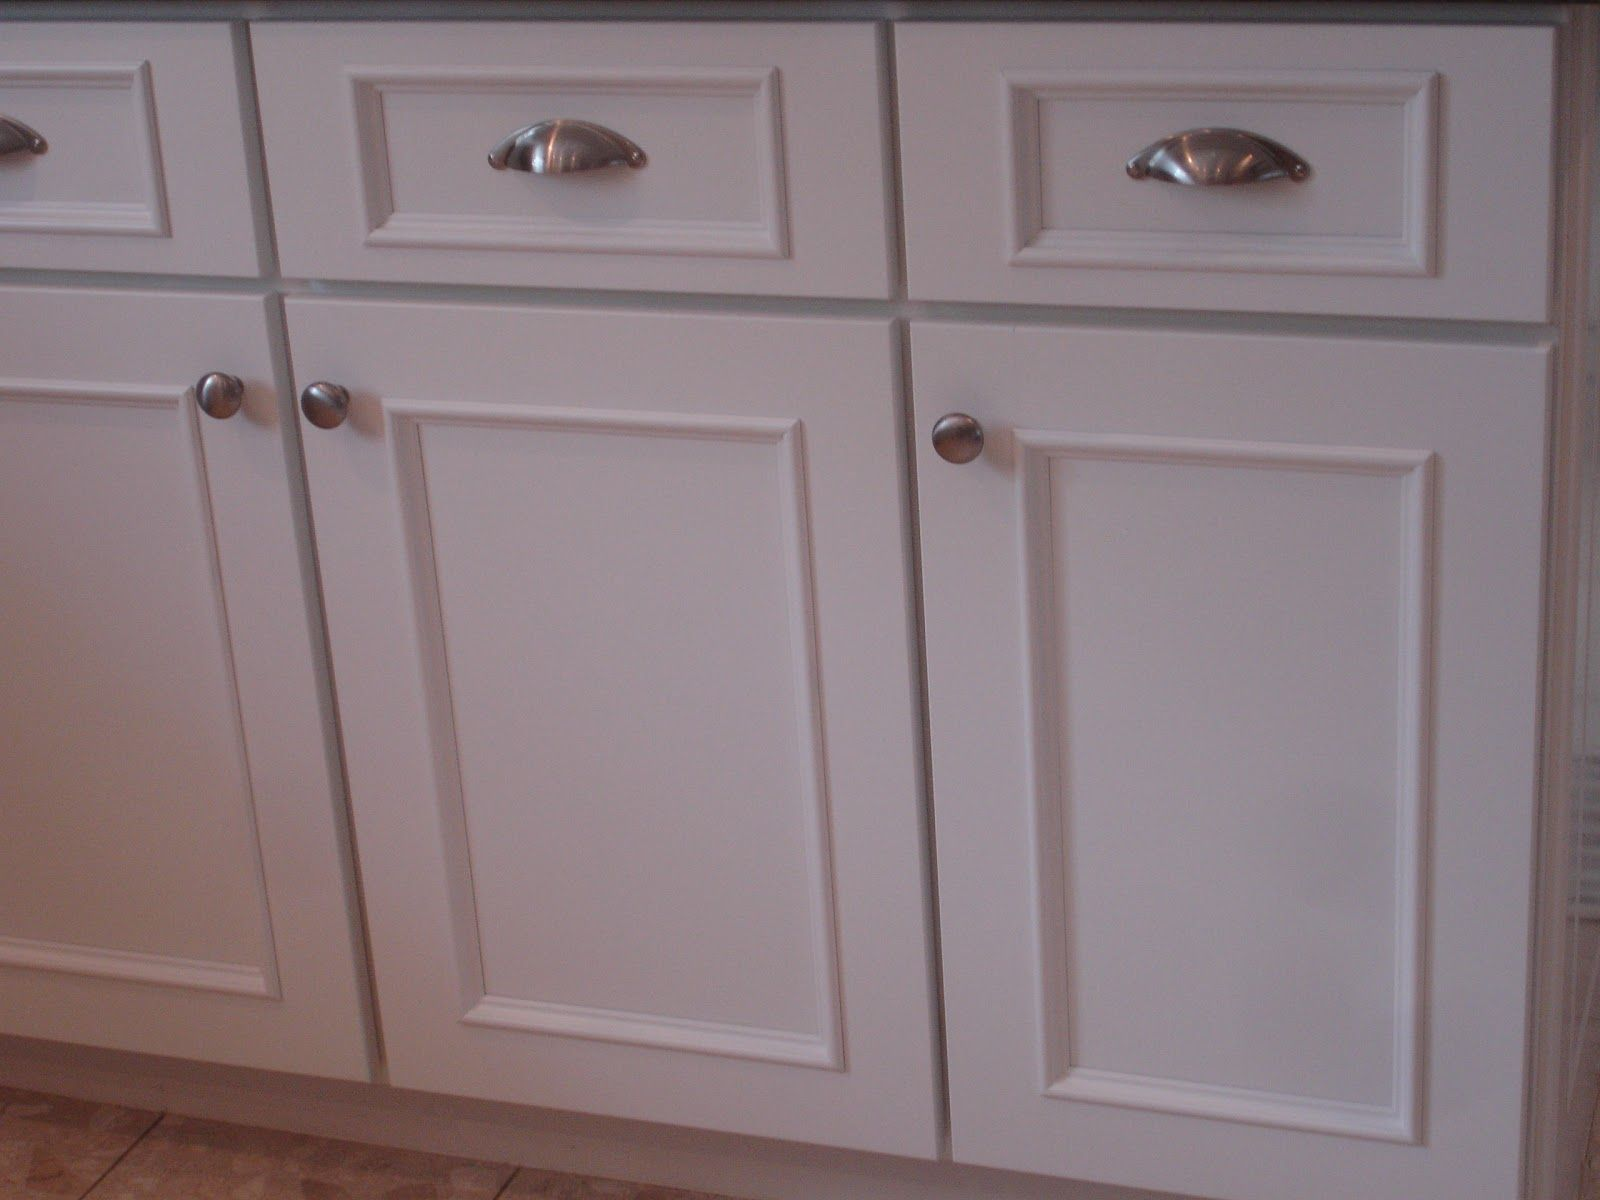 buy kitchen cabinet doors doors drawer fronts kitchen design photos kitchen cabinet door door style buy kitchen cabinet wooden kitchen cabinet kitchen doors drawer fronts kitchen